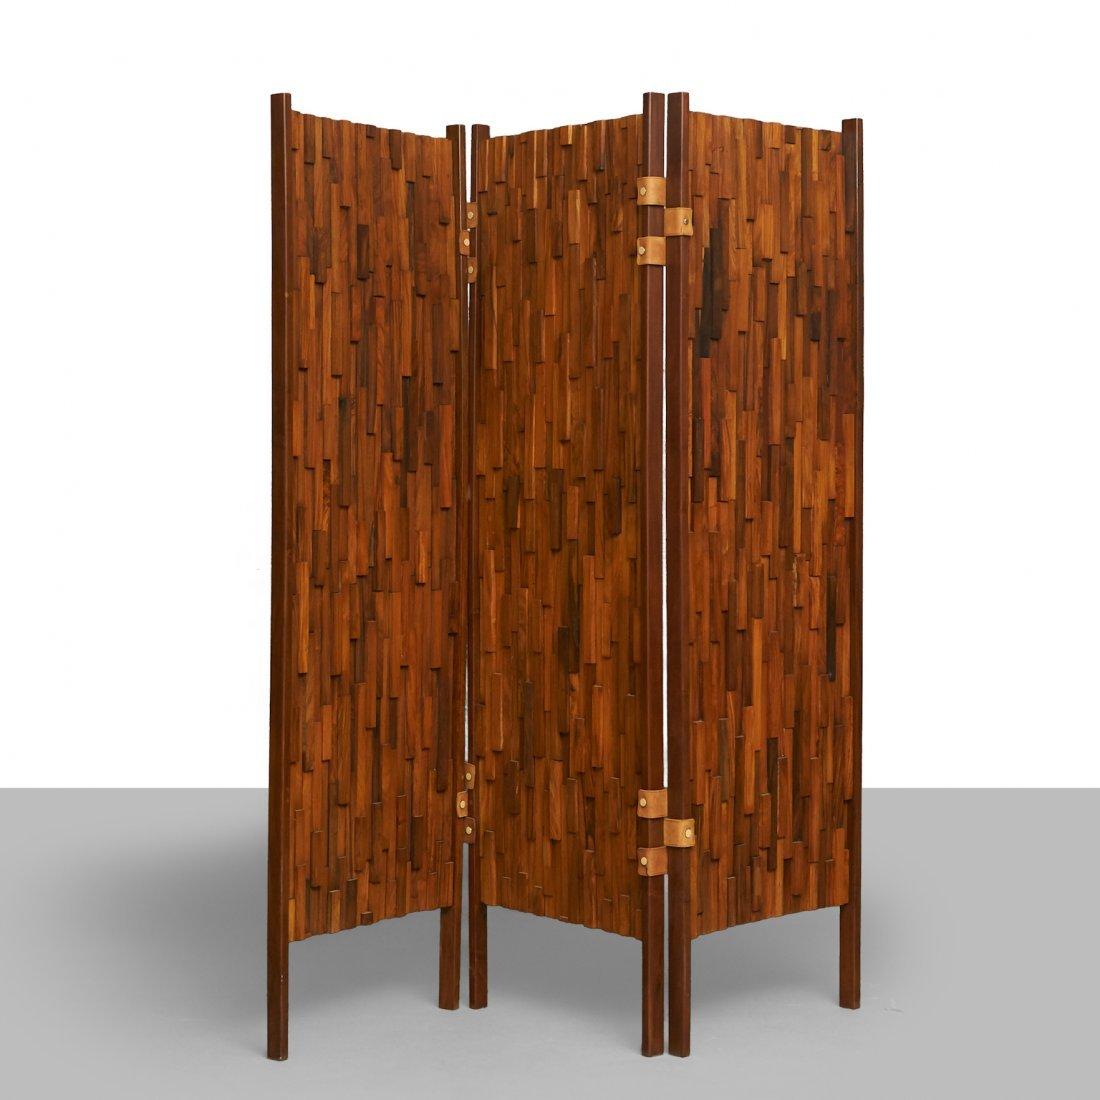 Pair of Brazilian Rosewood 3-Panel Screens